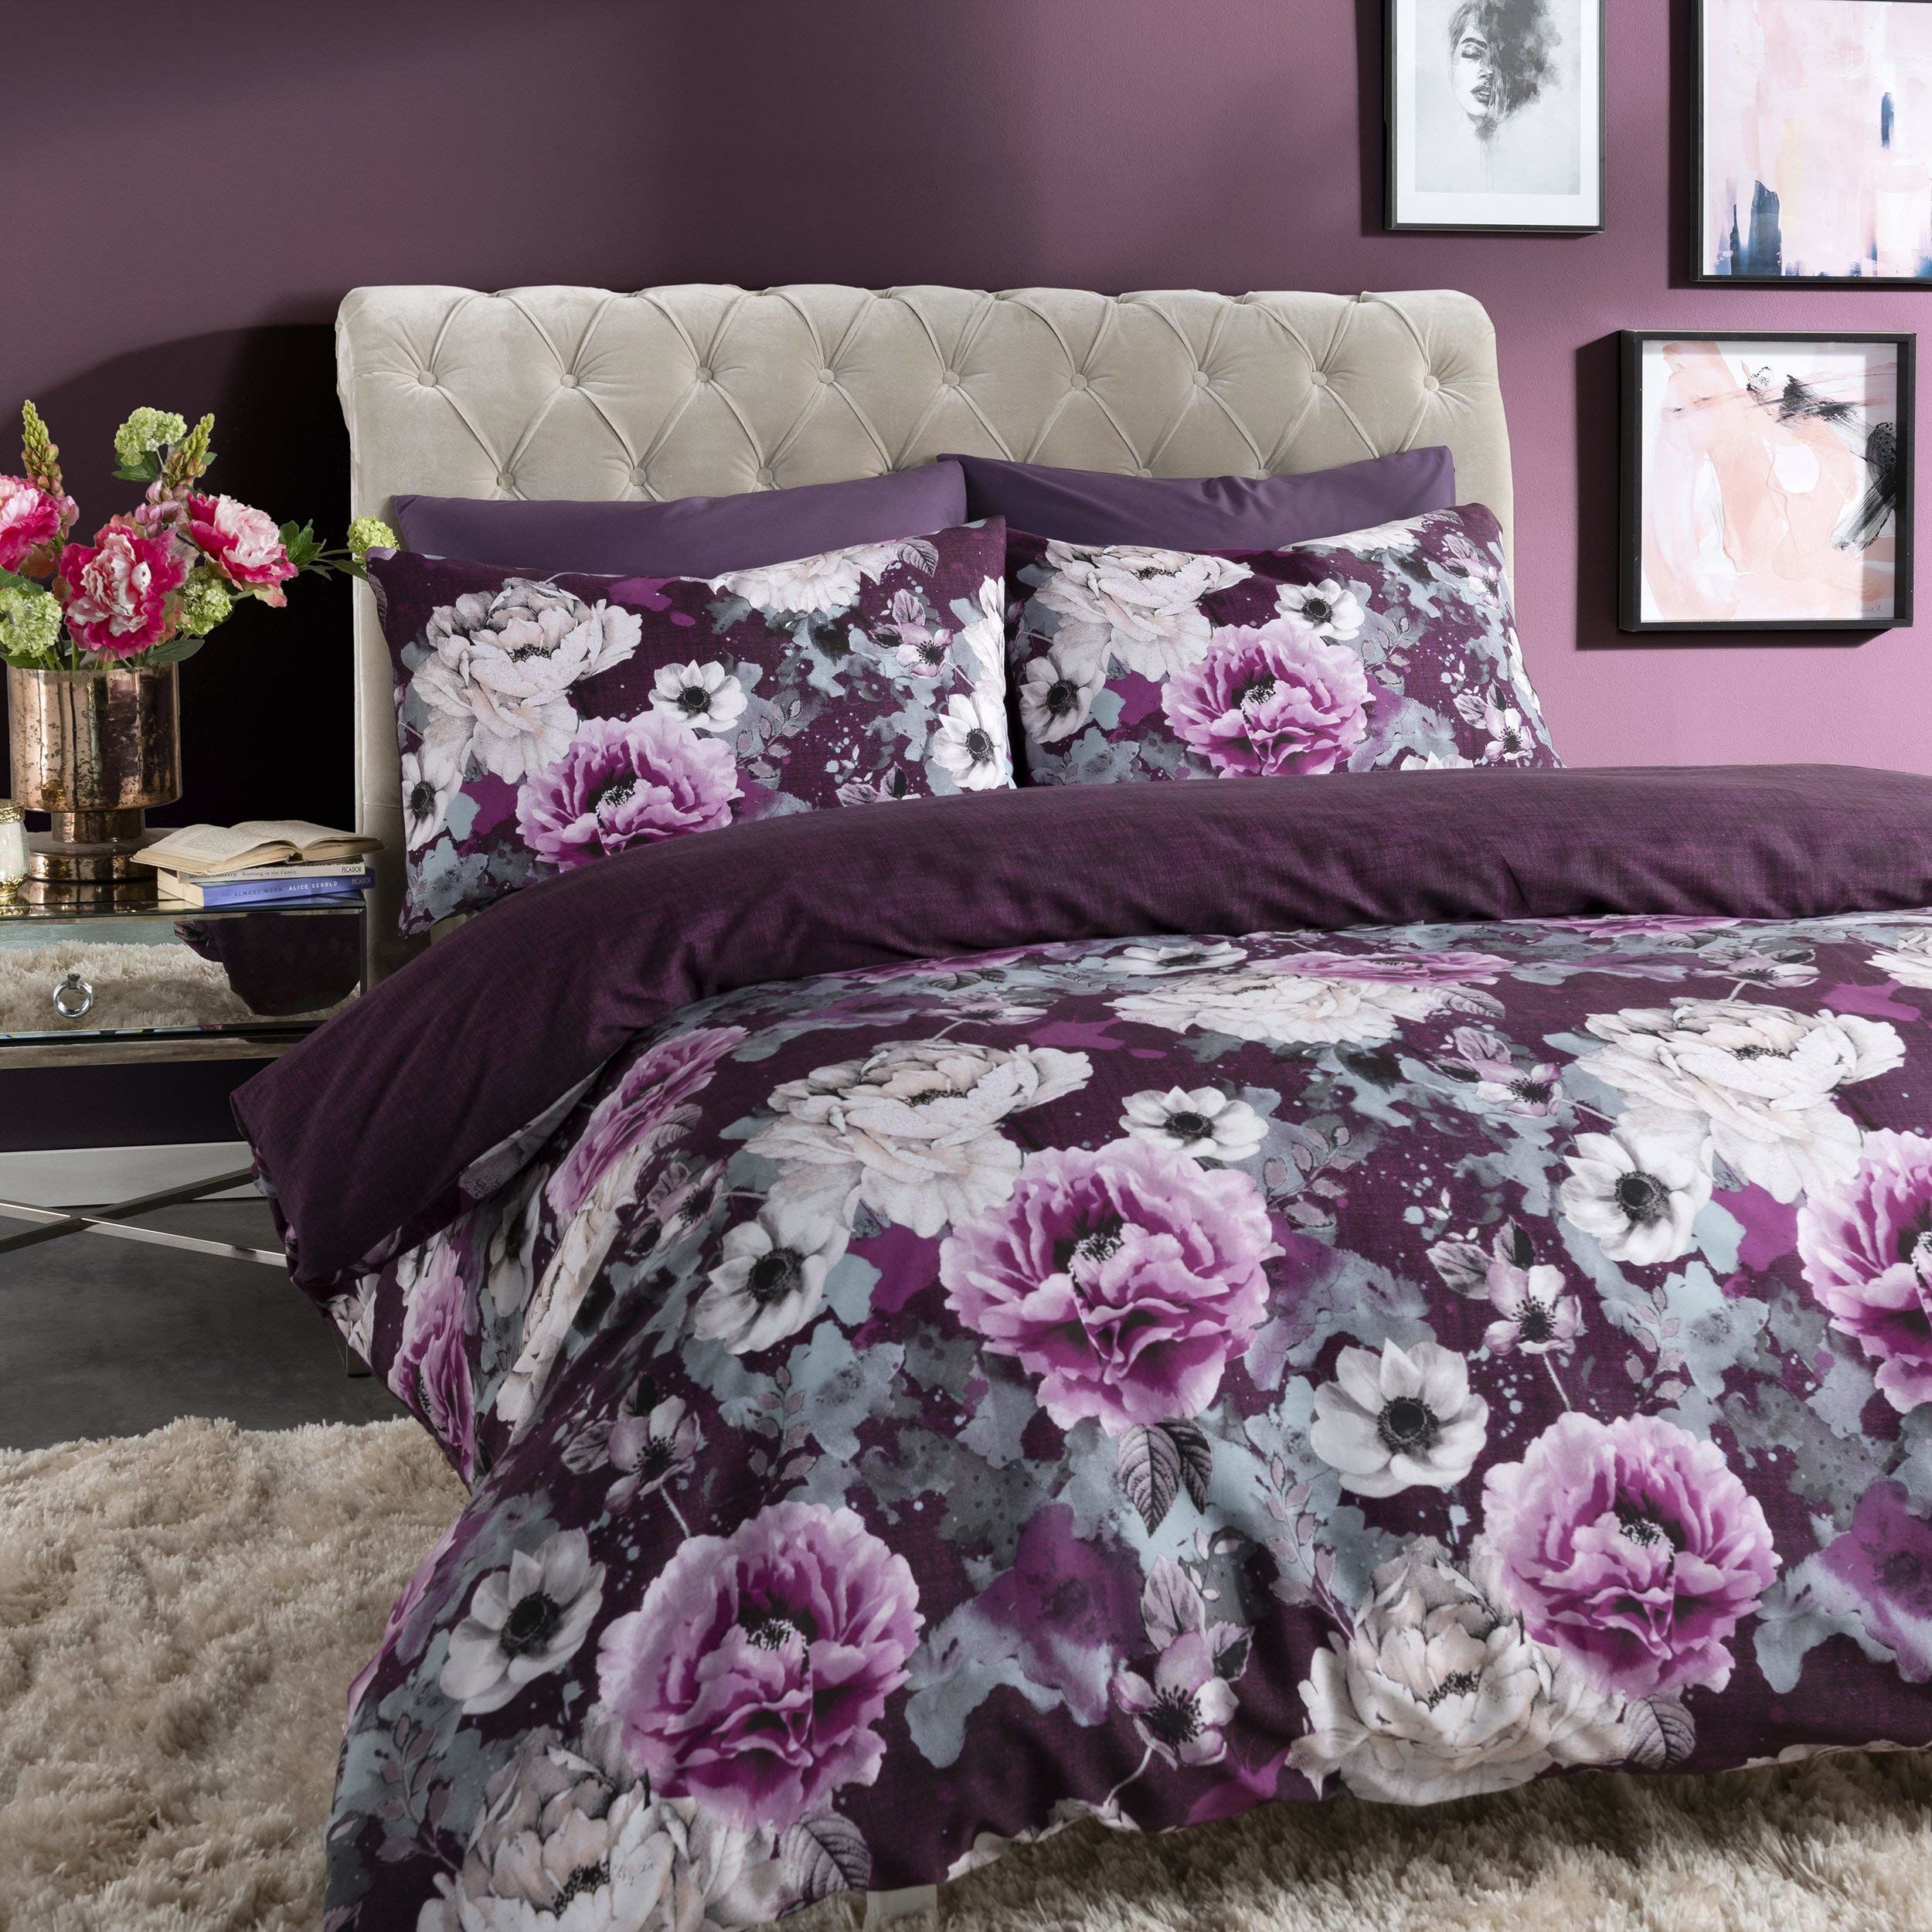 Sleepdown Inky Kwiatowy Fioletowy Dwustronny Poszwa na kołdrę i Poszewki na poduszki Zestaw pościeli (pojedyncza)